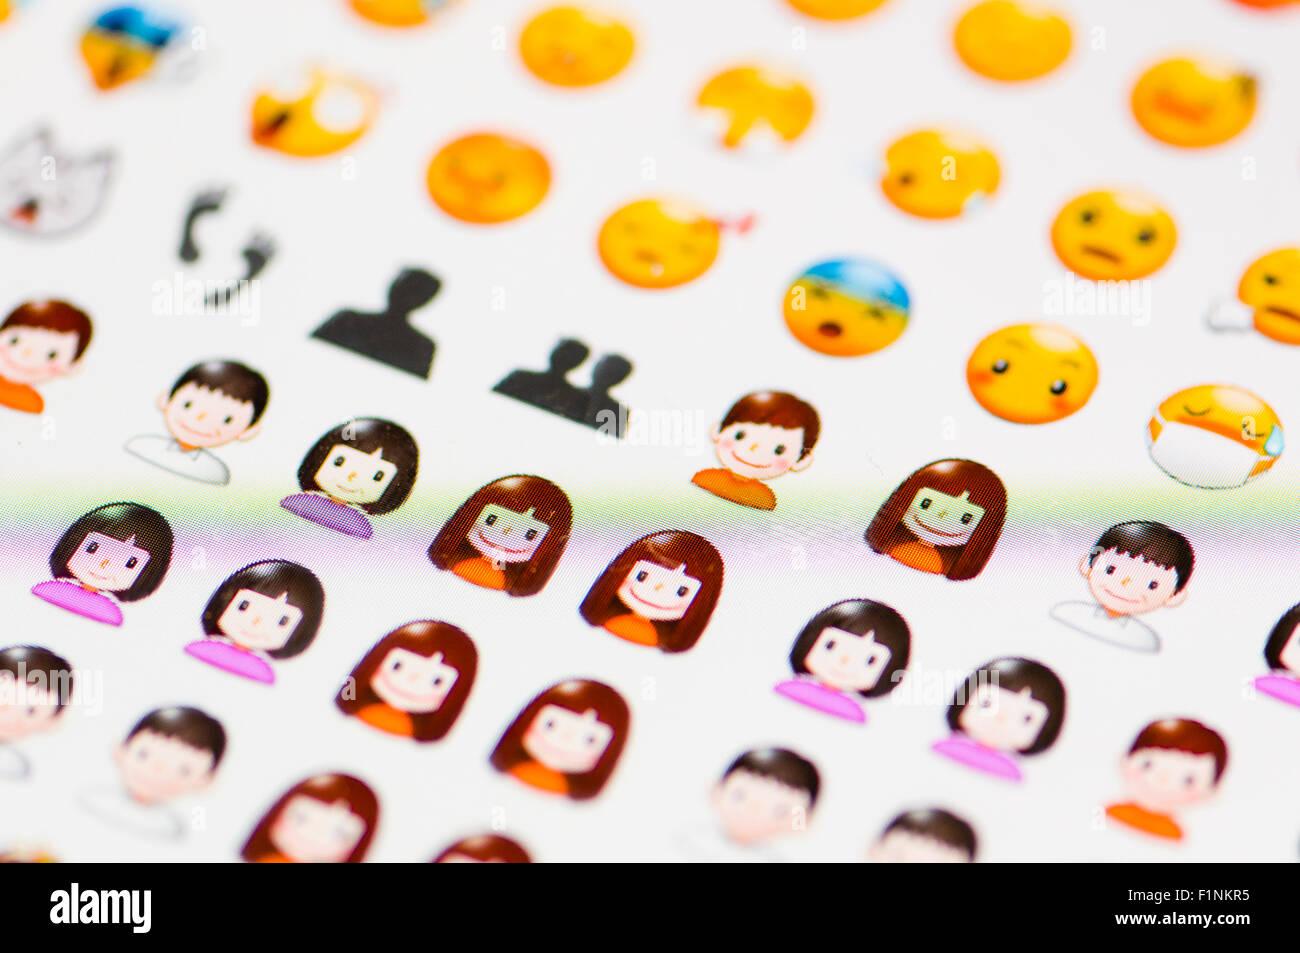 Screen displaying a range of people emojis - Stock Image